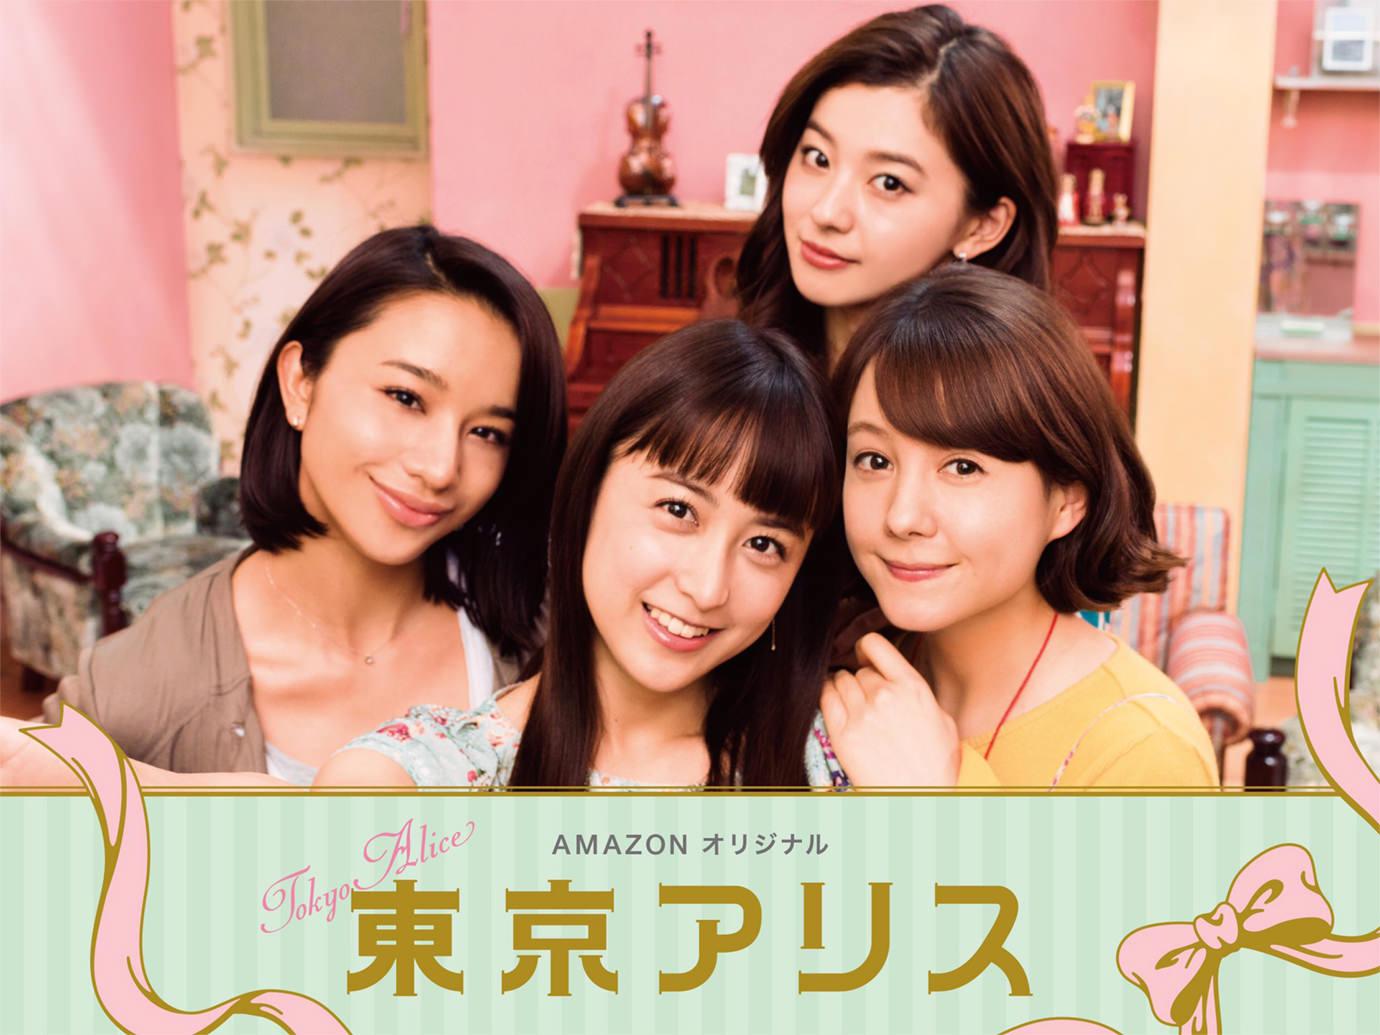 Amazonプライム・ドラマ『東京アリス』8月25日(金)配信スタート 朝比奈彩 出演